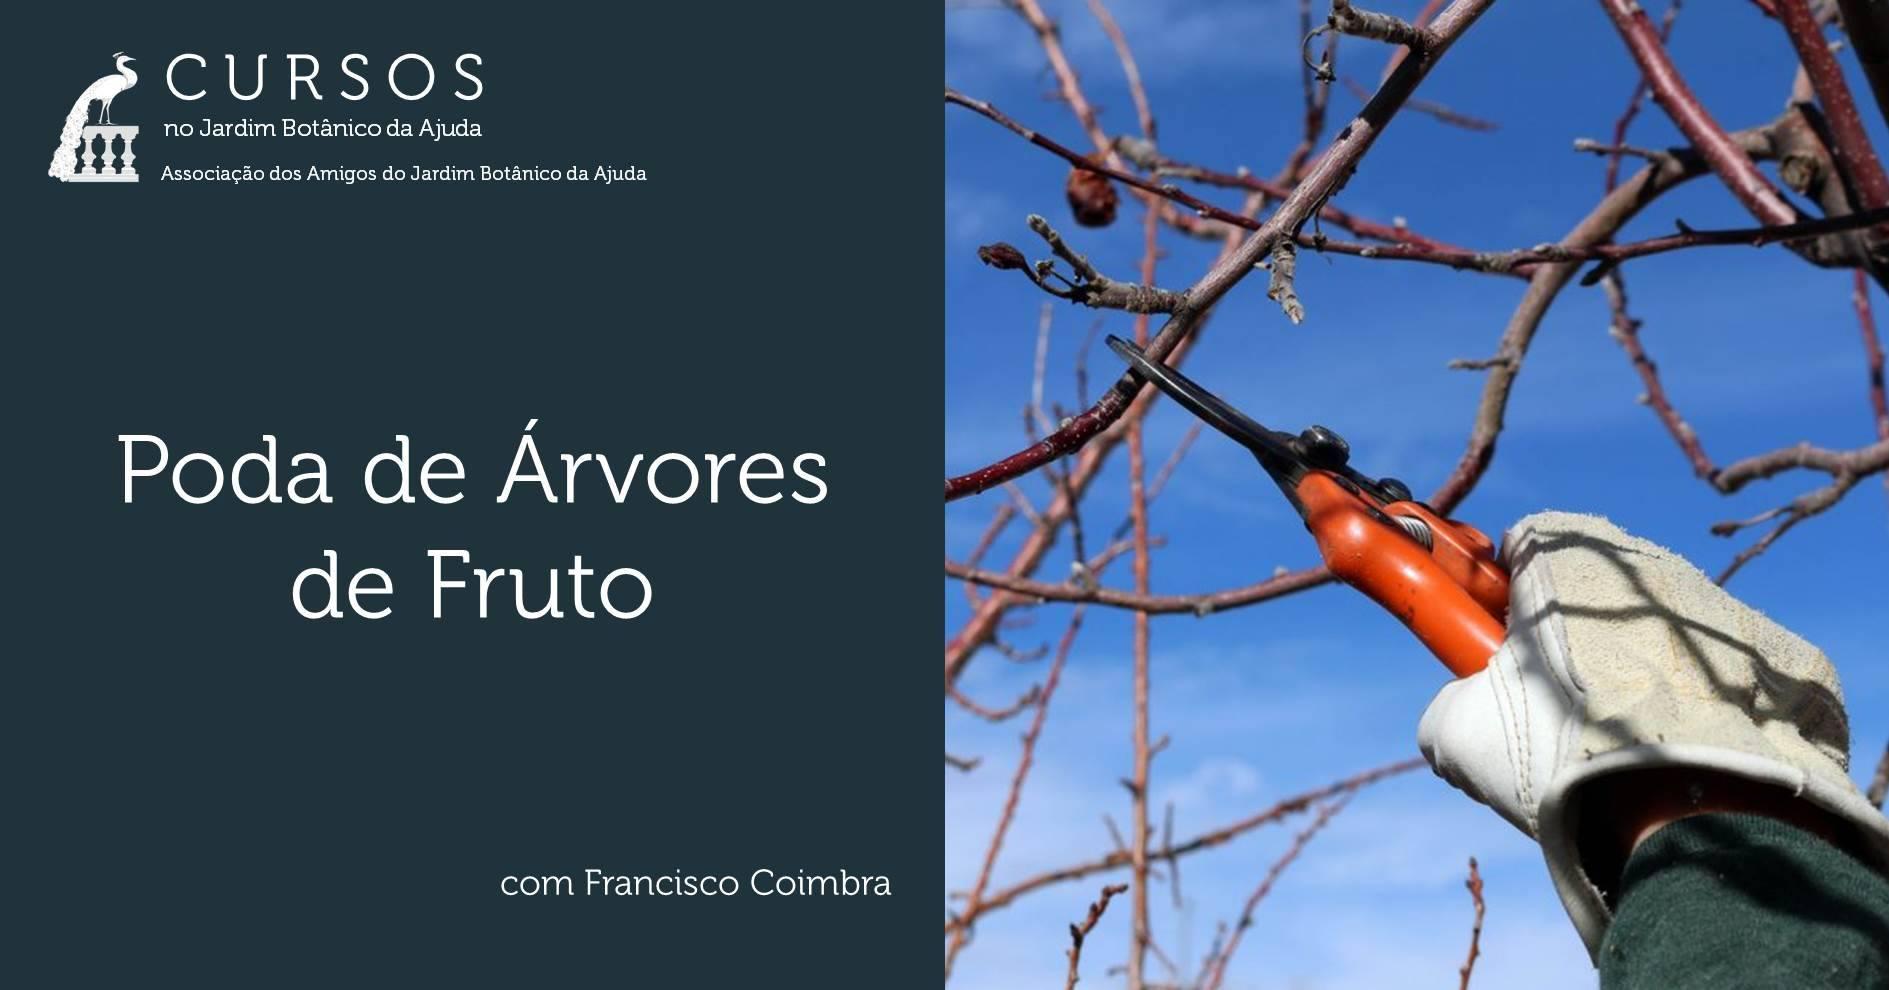 Poda de Árvores de Fruto - ADIADO